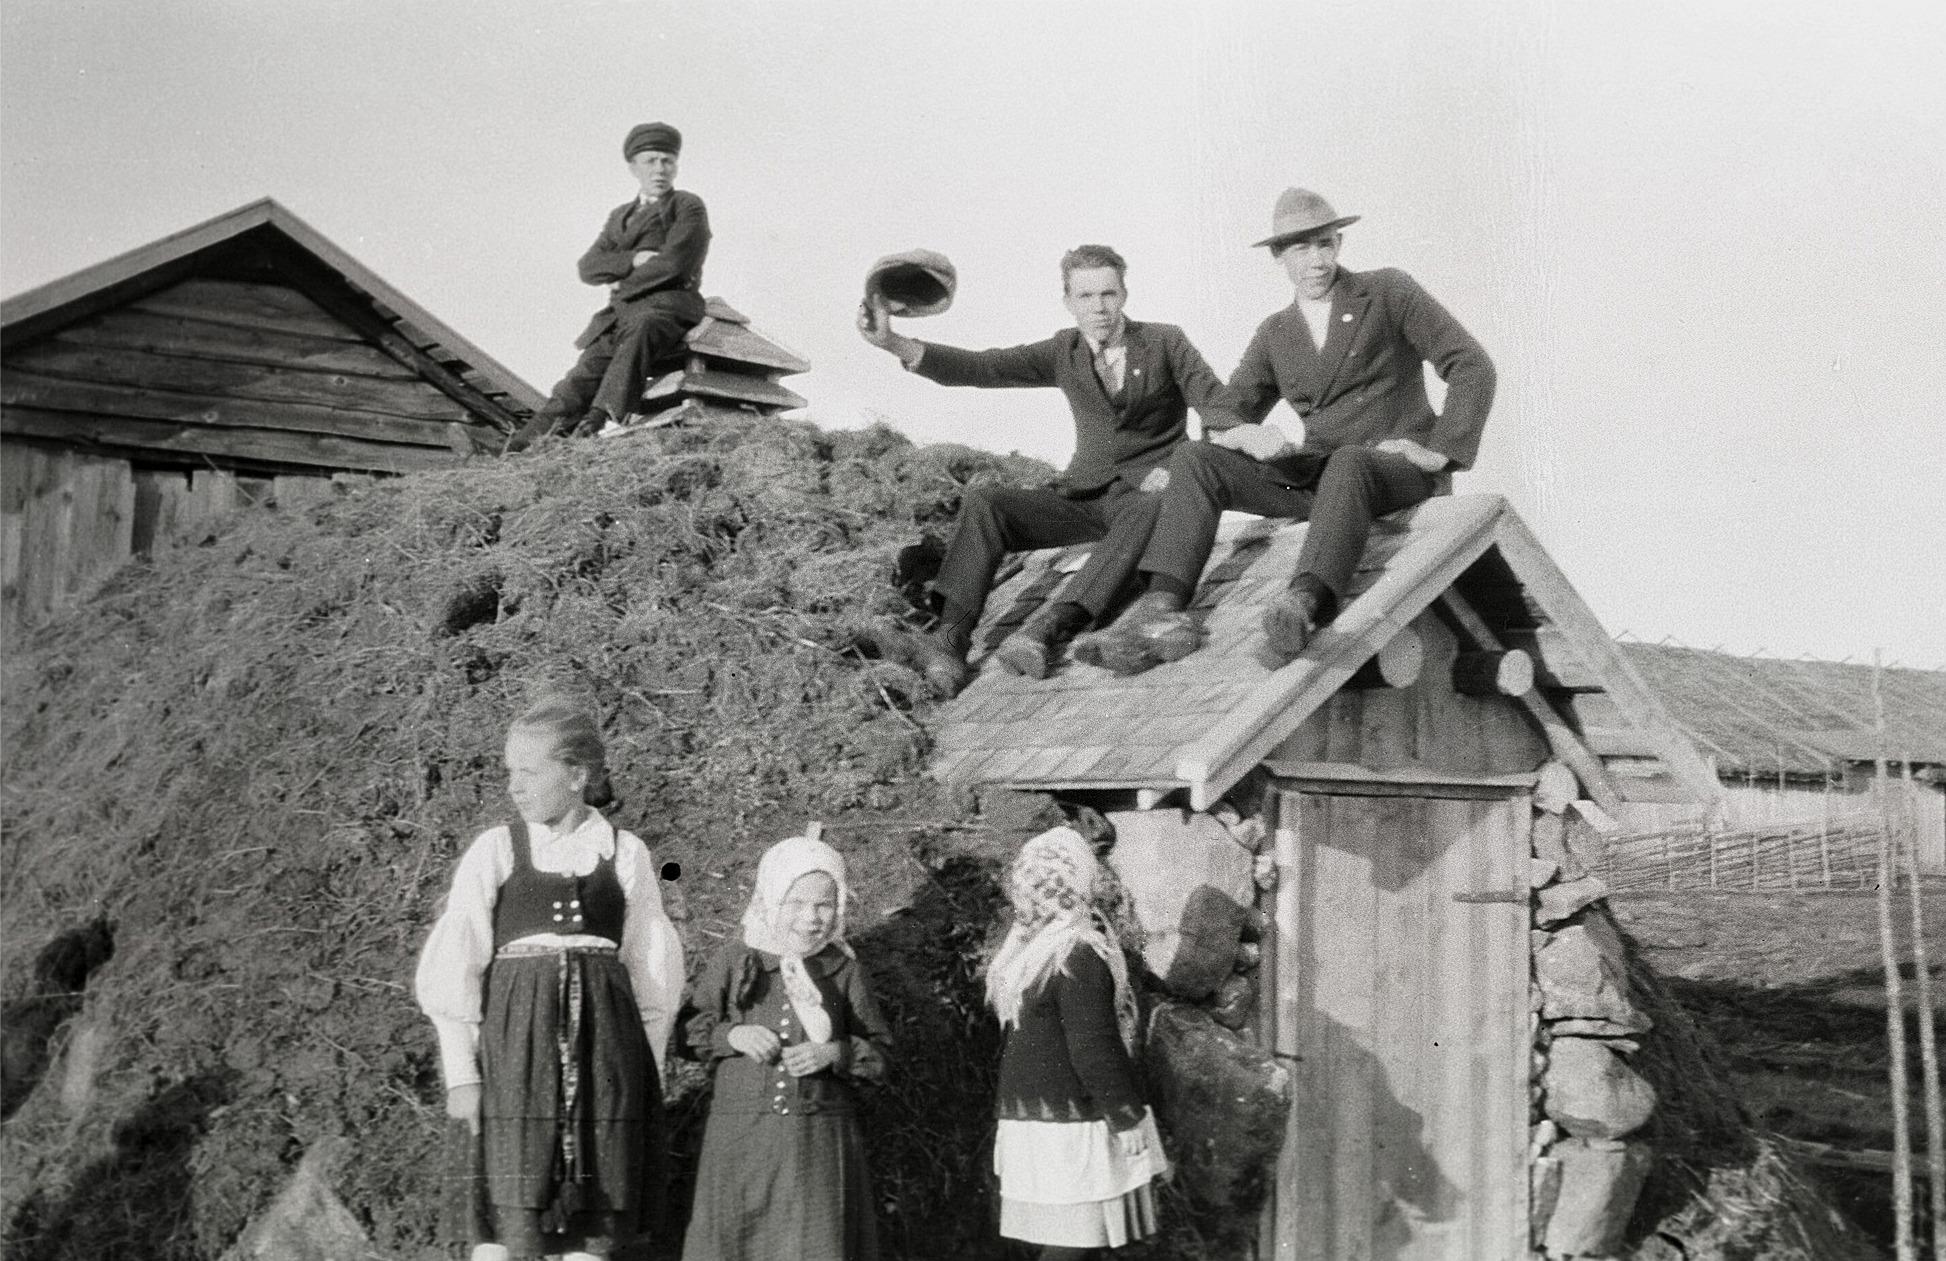 Här är Emil Ekmans pojkar uppflugna på taket till potatiskällaren. Från vänster Evert, Albin och Bertel och den stora flickan till vänster är deras syster Svea. De andra flickorna är Ida Storkull och Vesta Lillträsk.